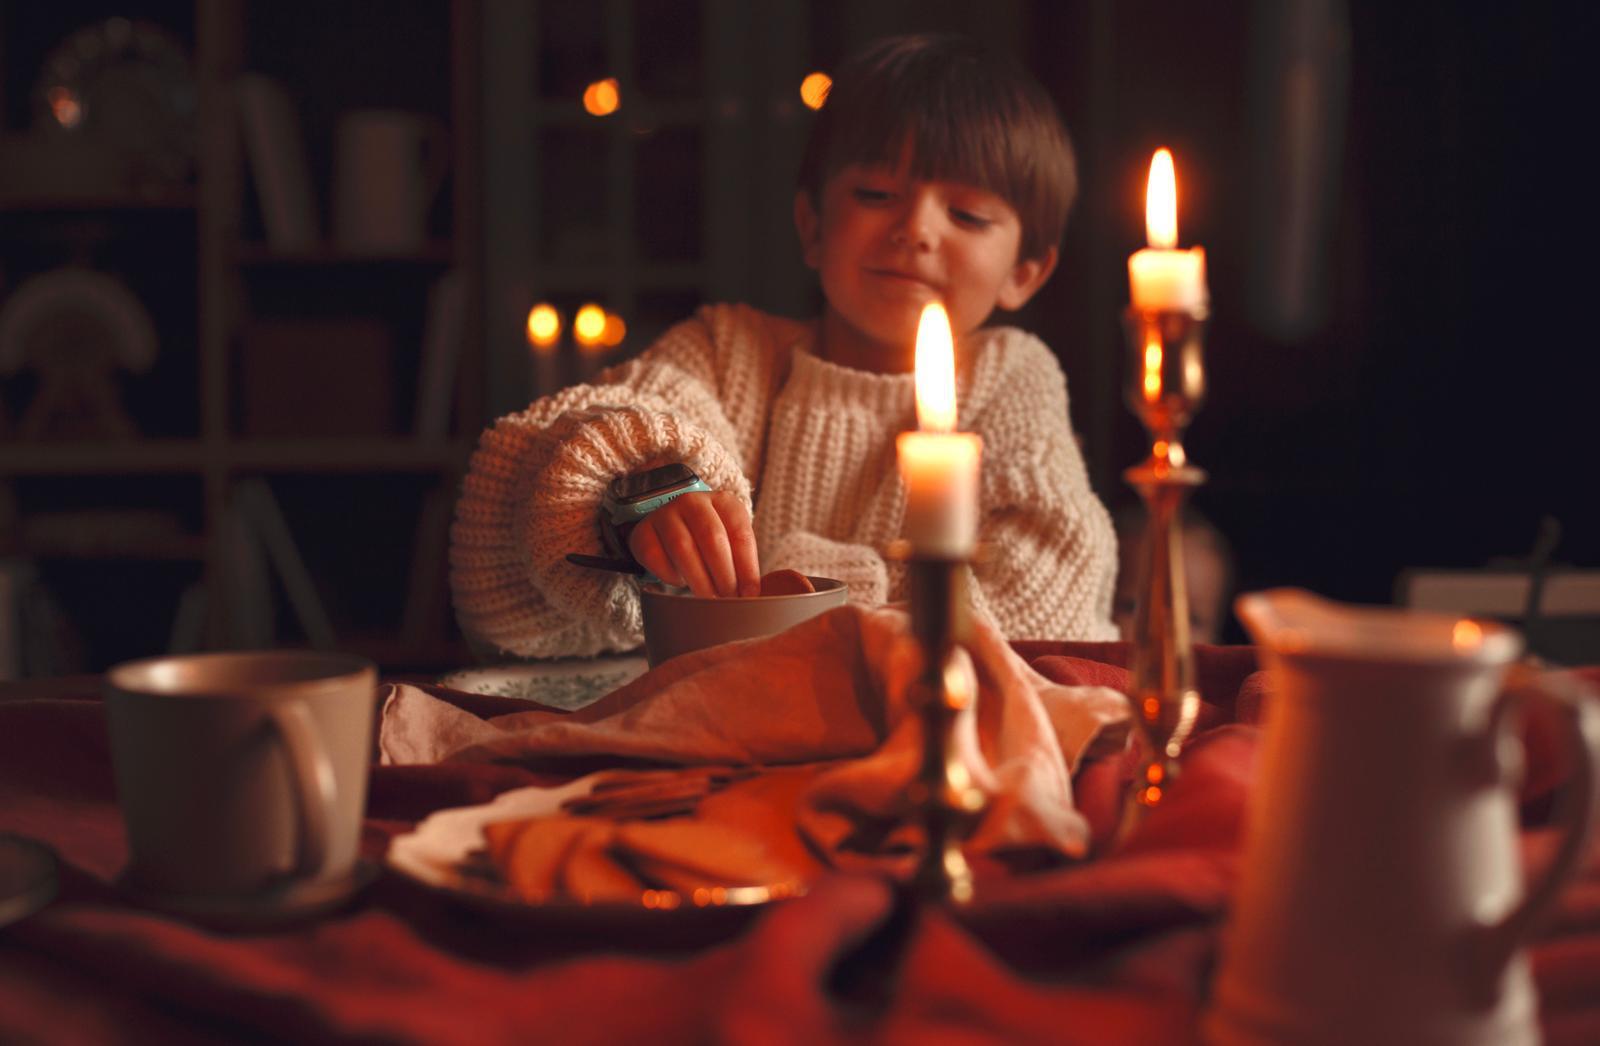 gutt med julestemning